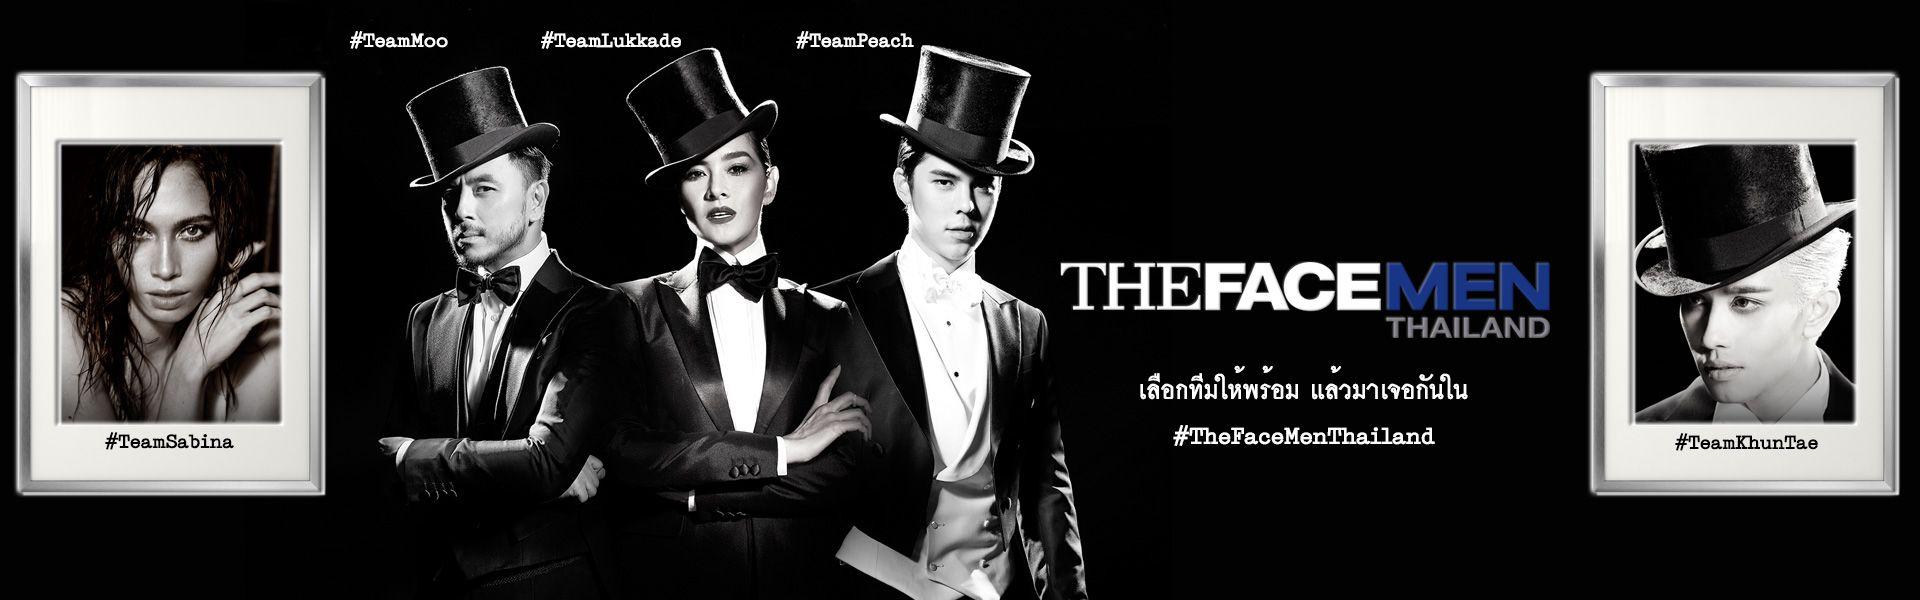 ดูละครย้อนหลัง The Face Men Thailand : Episode 1 Part 5/7 : 29 กรกฎาคม 2560